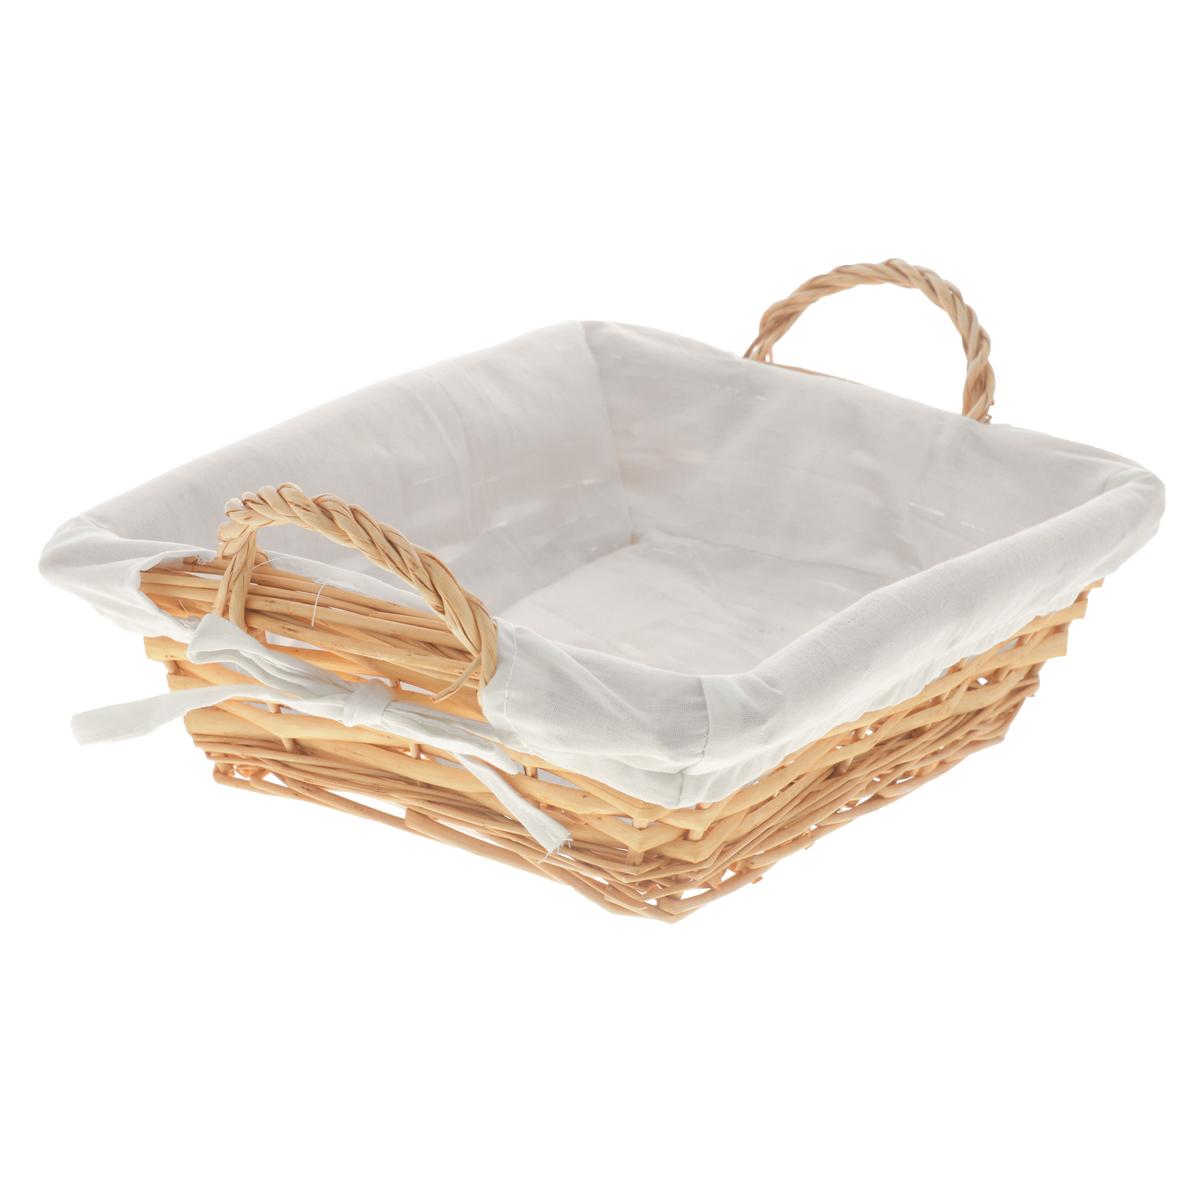 Корзина Kesper, 25 х 22 х 8 см1790-1Прямоугольная корзина Kesper изготовлена из натурального плетеного волокна и декорирована текстилем. Она предназначена для хранения хлеба, а также мелочей дома или на даче. Позволяет хранить мелкие вещи, исключая возможность их потери. Изделие оснащено удобными ручками. Корзина очень вместительная. Элегантный выдержанный дизайн позволяет органично вписаться в ваш интерьер и стать его элементом. Материал: натуральное волокно, текстиль. Размер корзины по верхнему краю (без учета ручек): 25 см х 22 см. Размер корзины по верхнему краю (с учетом ручек): 29 см х 22 см. Высота корзины (без учета ручек): 8 см.